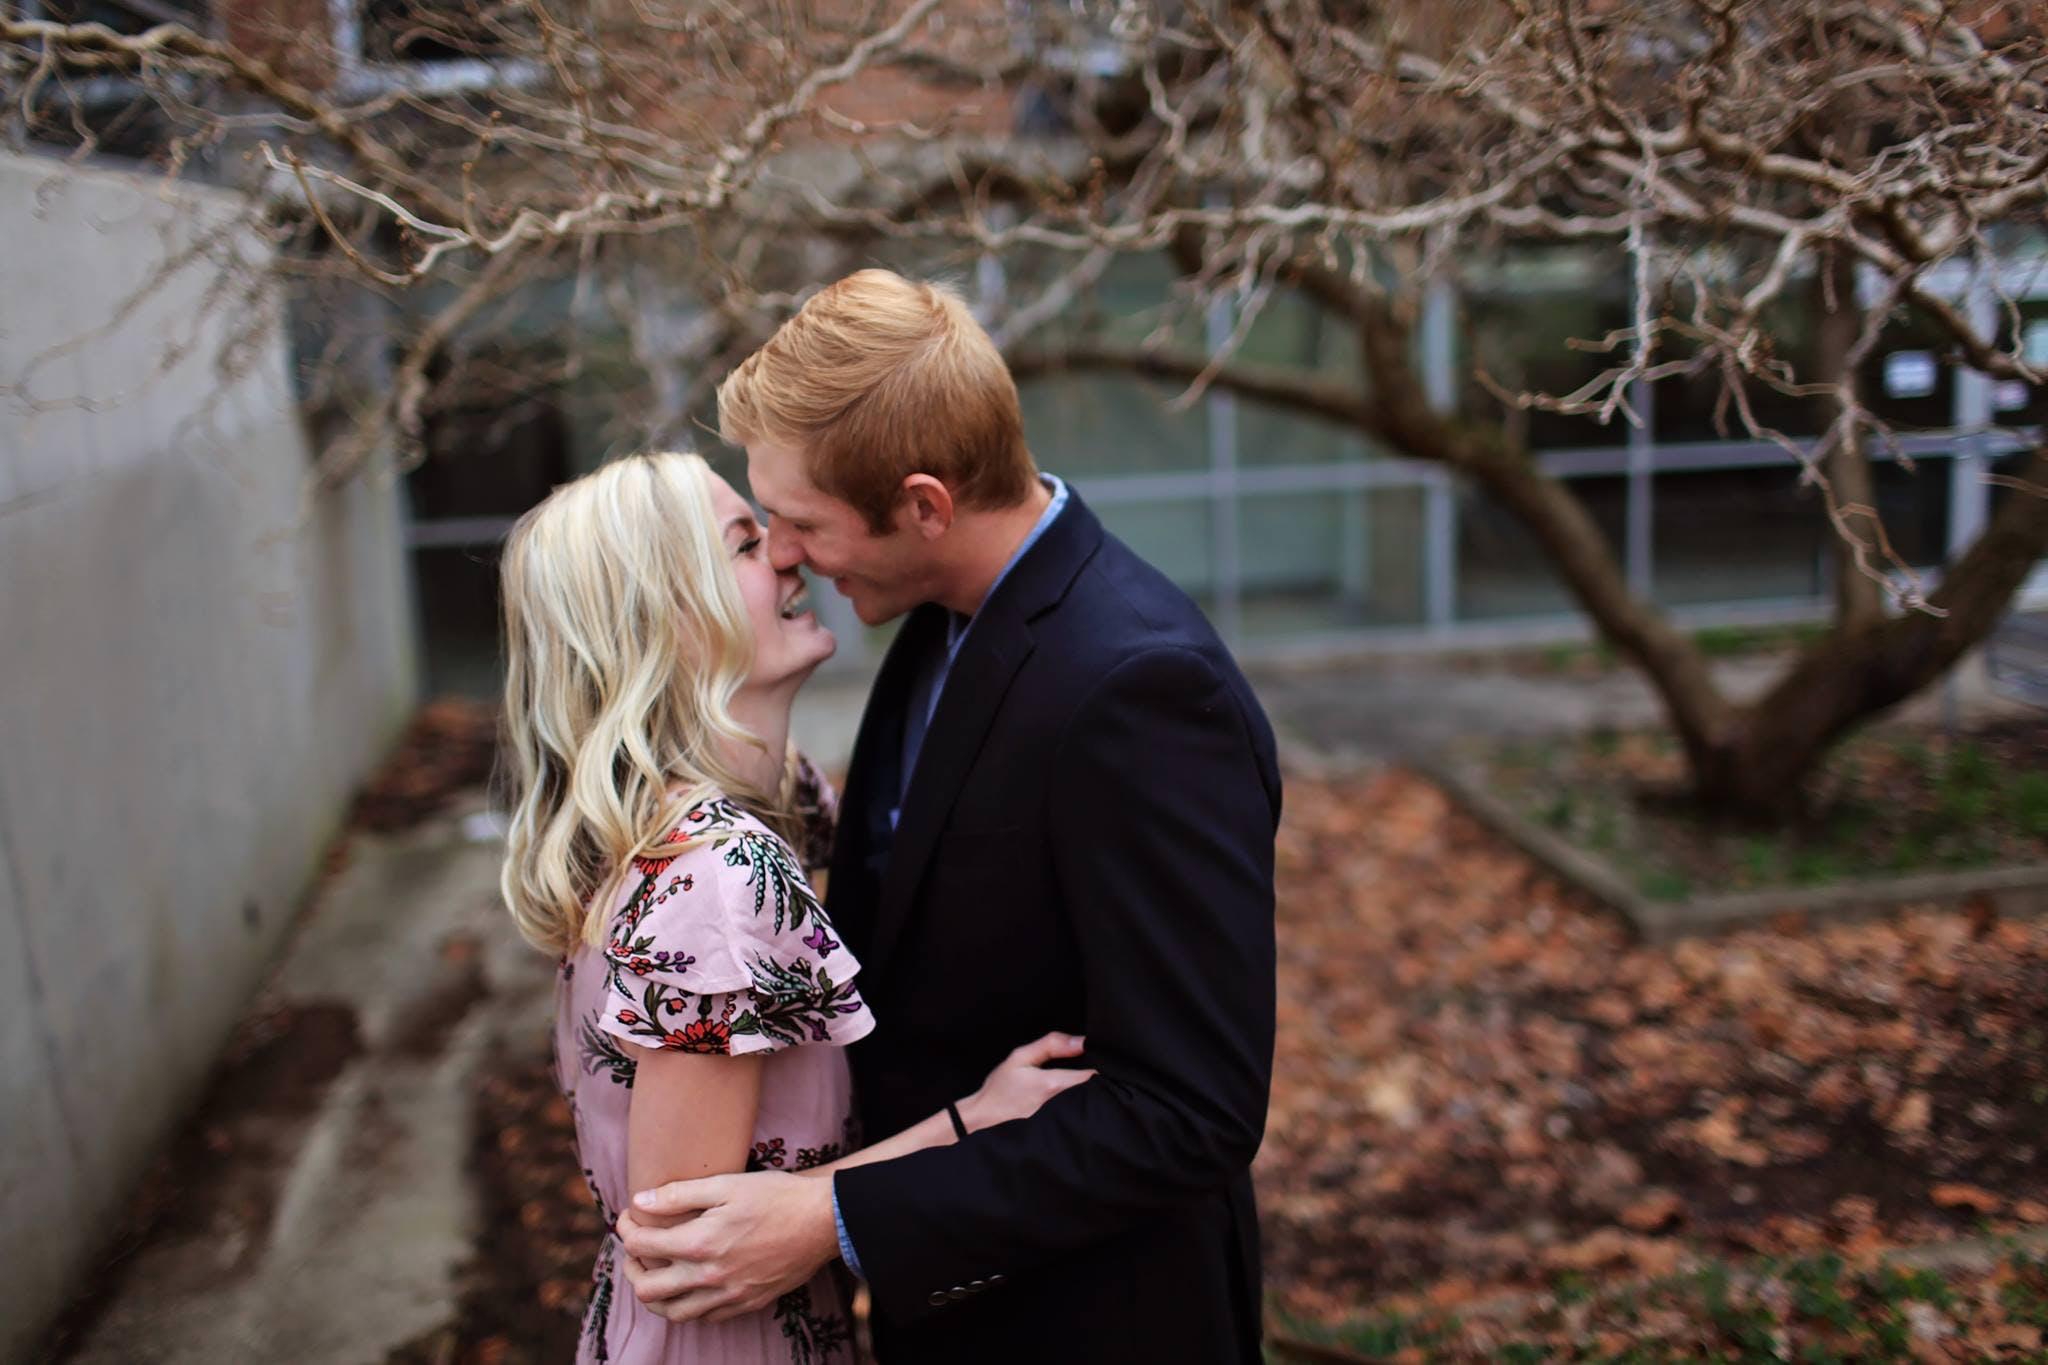 Kostenloses Stock Foto zu baum, blond, blumenkleid, erwachsene